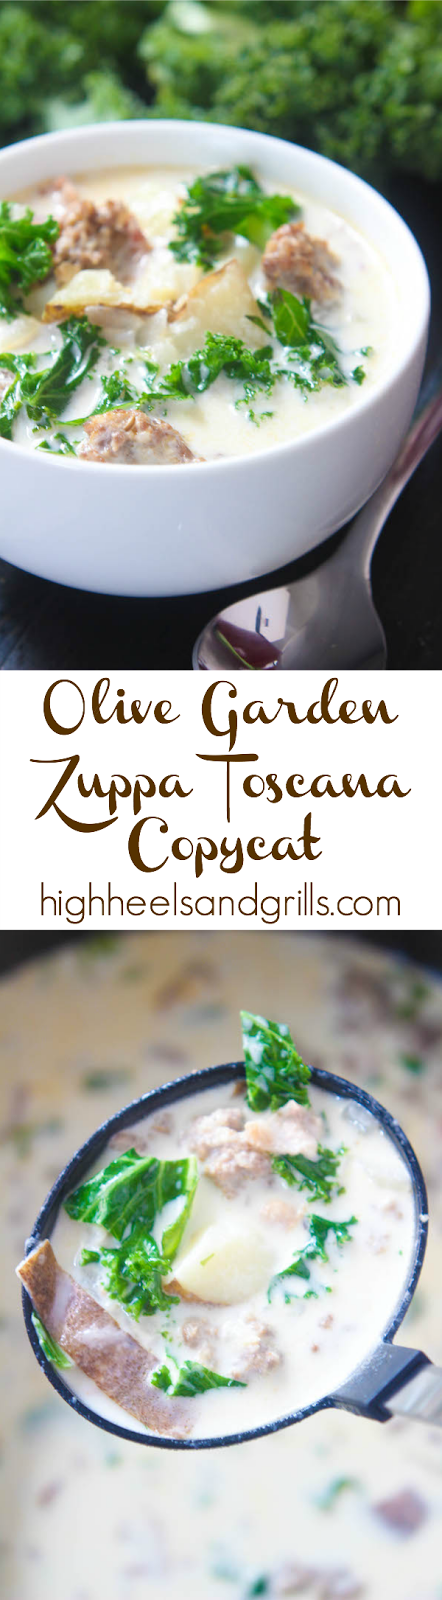 Olive garden zuppa toscana copycat high heels and grills for Olive garden copycat zuppa toscana